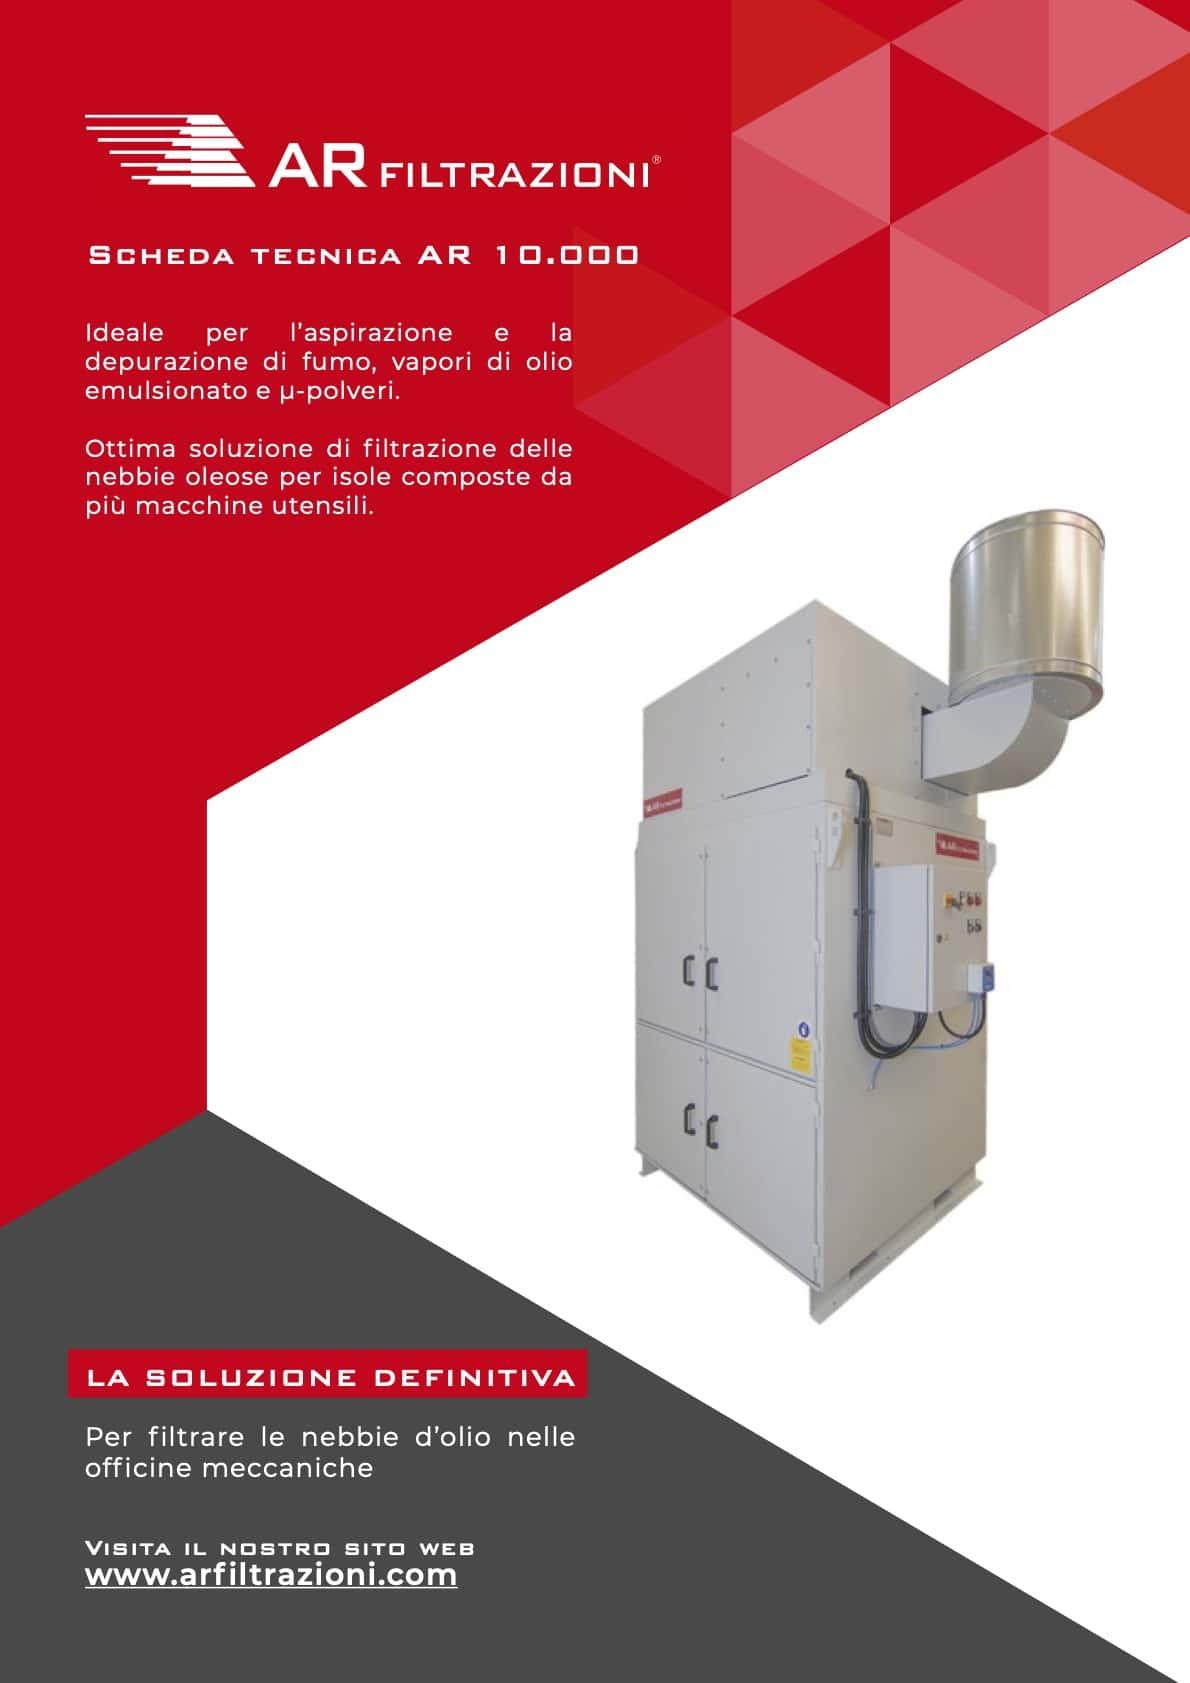 AR Filtrazioni Case History Portfolio Filtrazione Nebbie Oleose AR10000 – Aspirazione e la depurazione di nebbie d'olio generate nelle lavorazioni ad umido